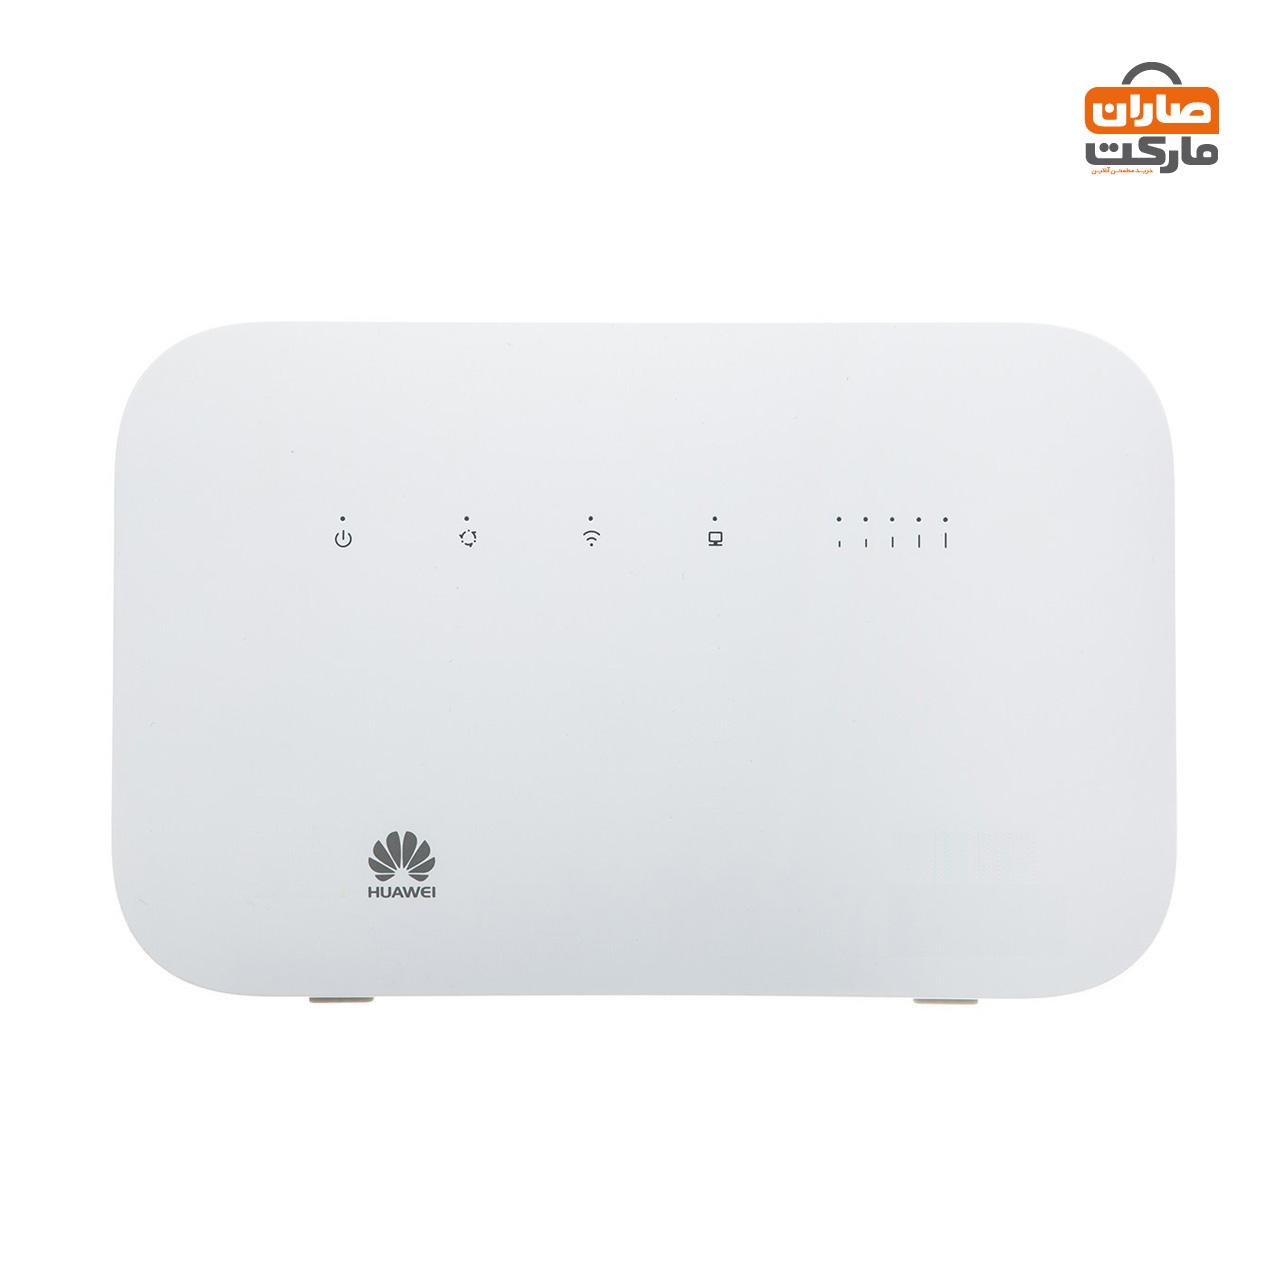 Huawei-B612-modem